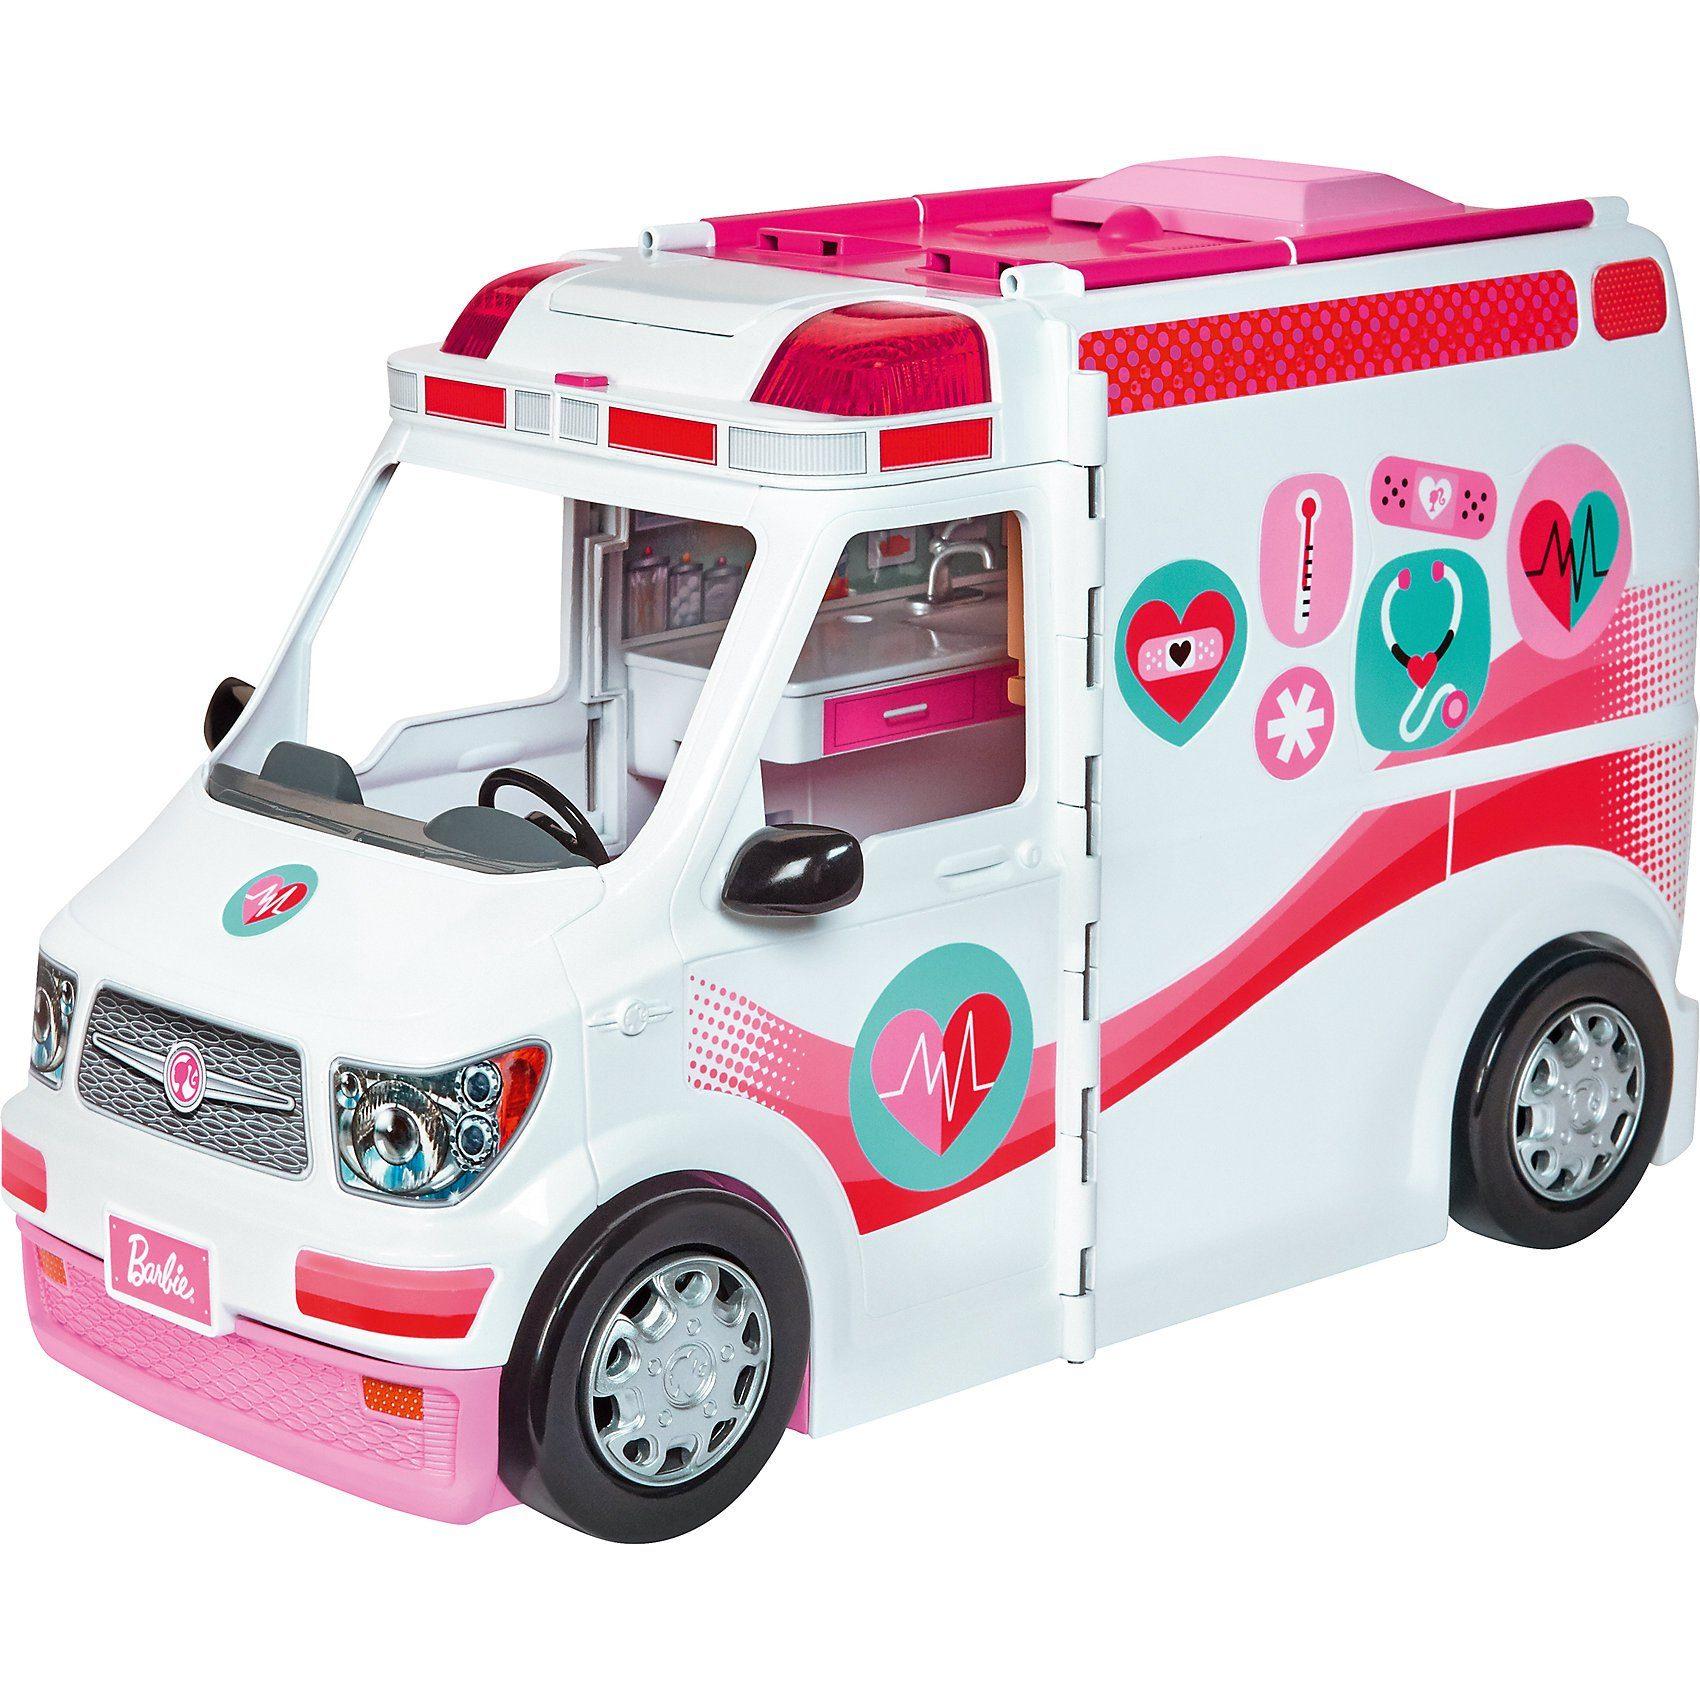 Mattel Barbie 2-in-1 Krankenwagen Spielset (mit Licht & Geräuschen)